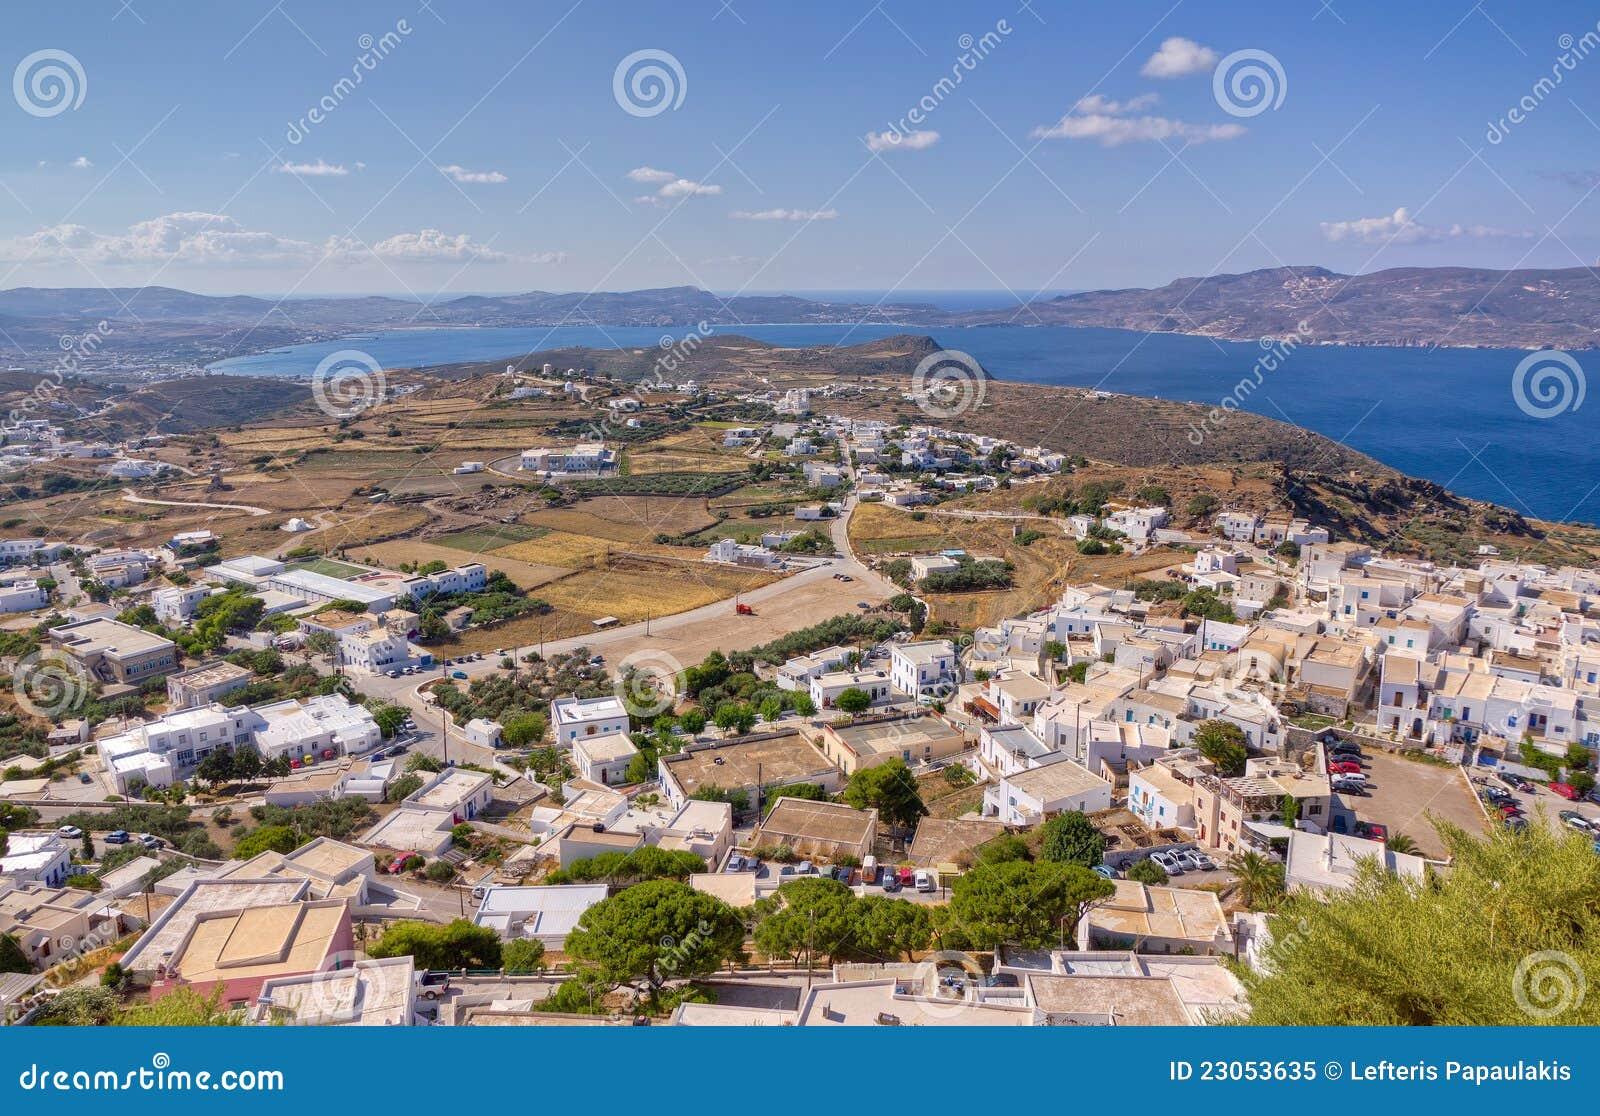 Aldea de Plaka y de Trypiti, Milos isla, Grecia